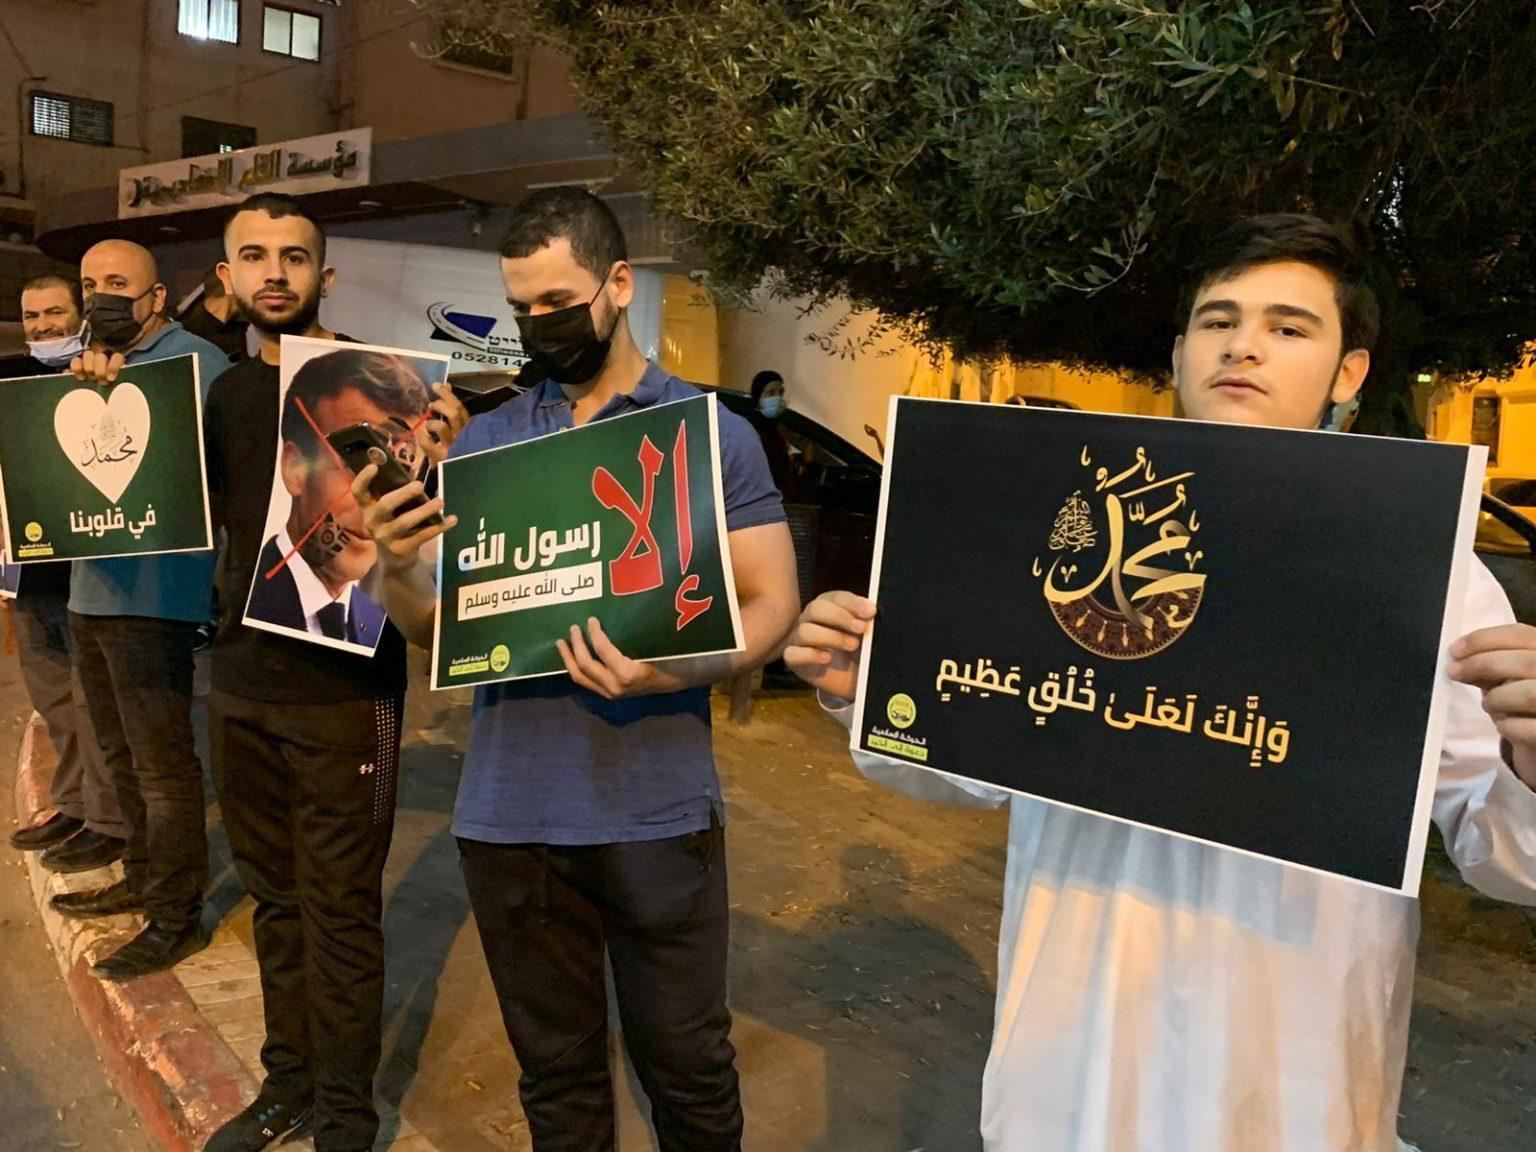 الطيبة: فعاليات منددة بالإساءة للنبي محمد